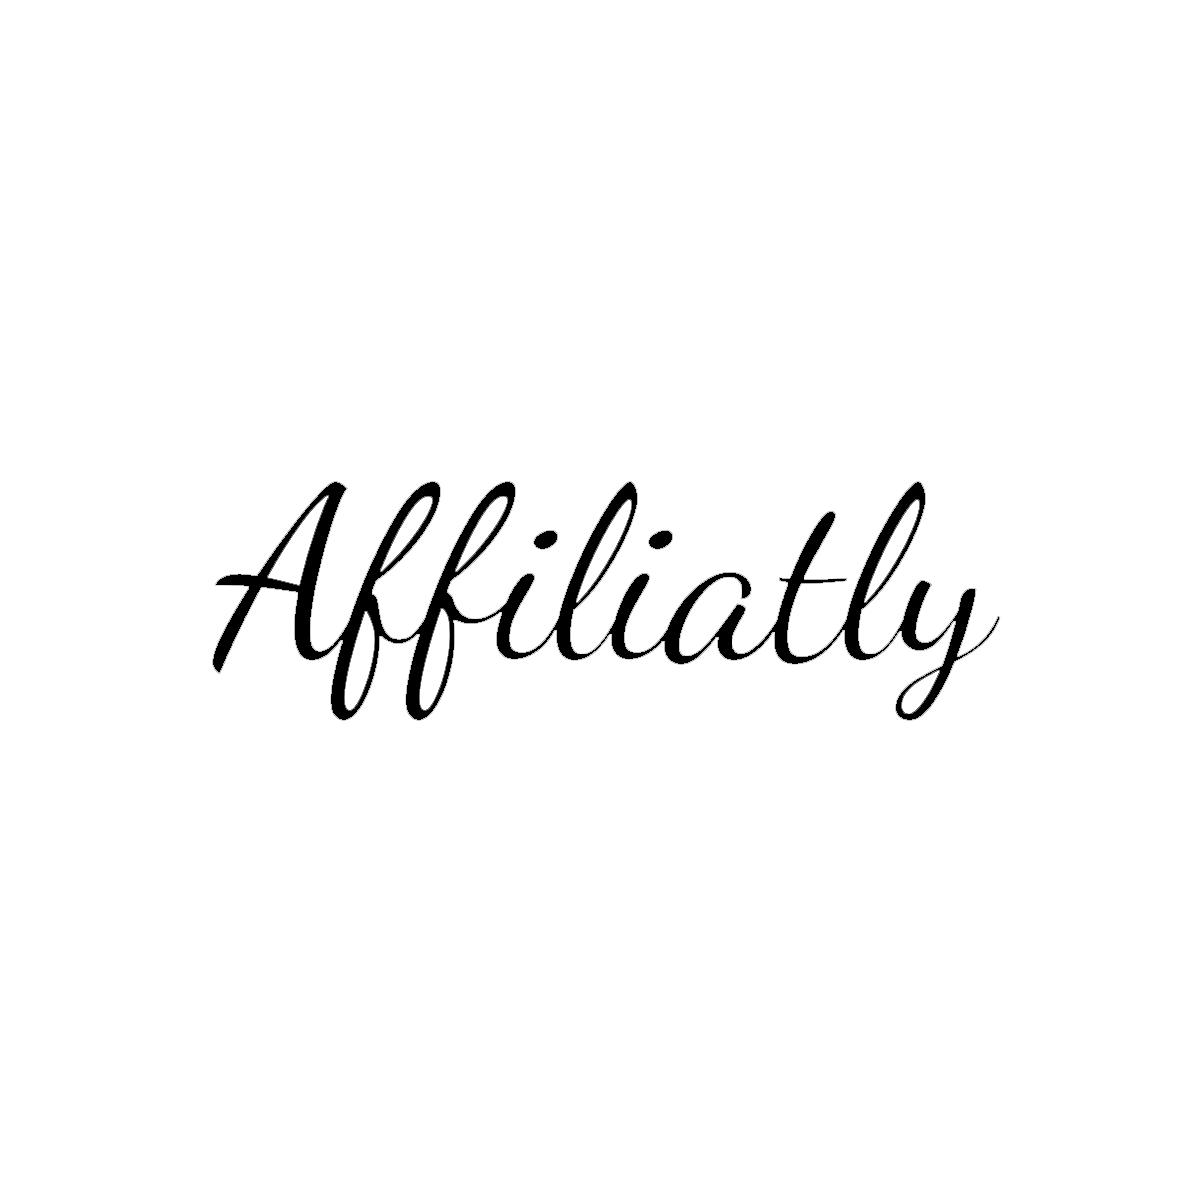 Affiliately